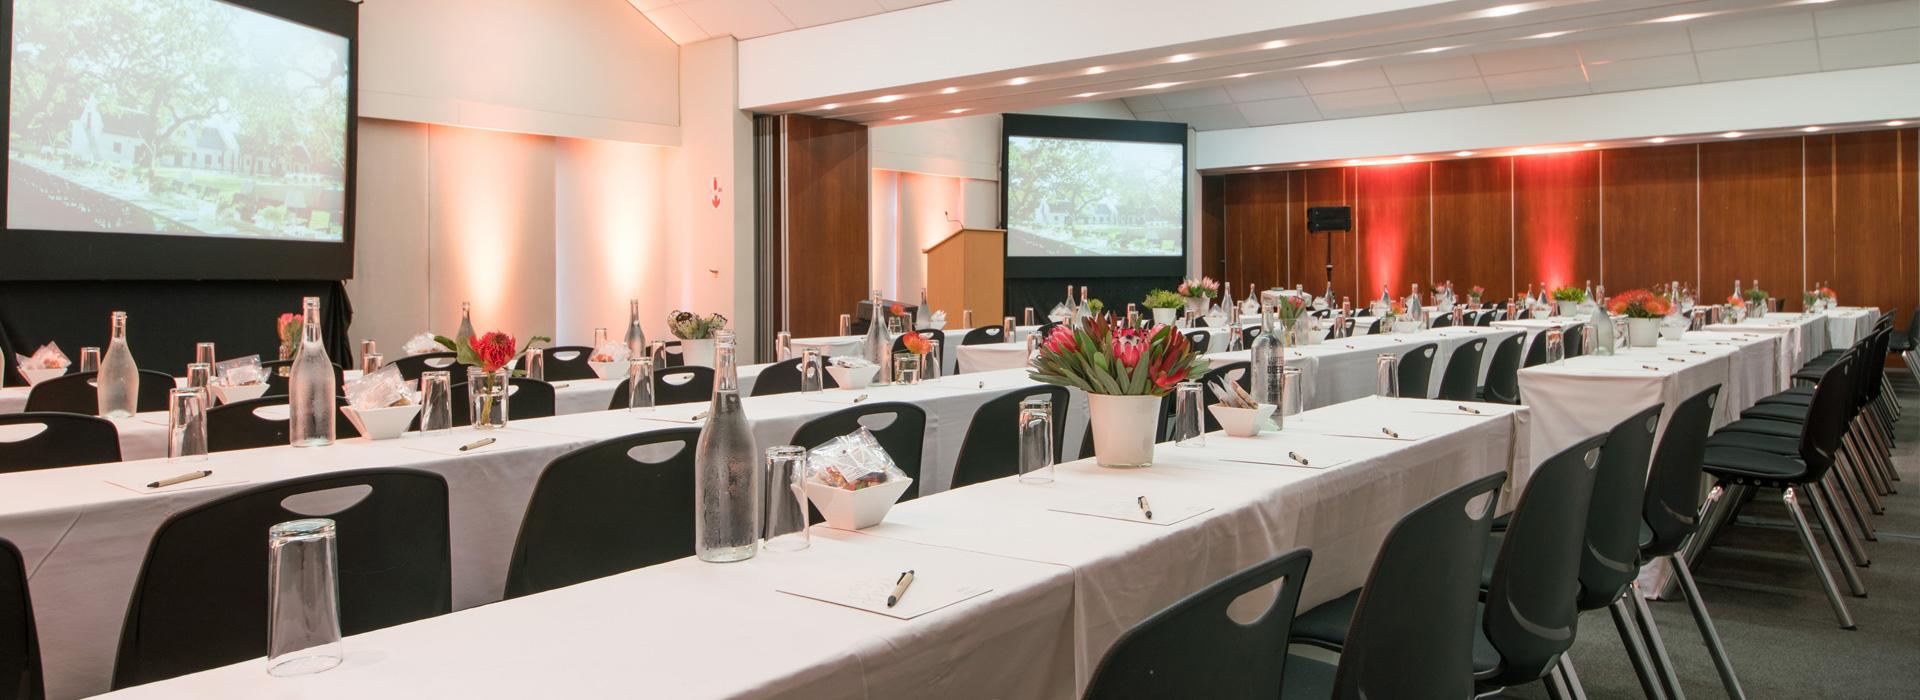 Spier Conference Room